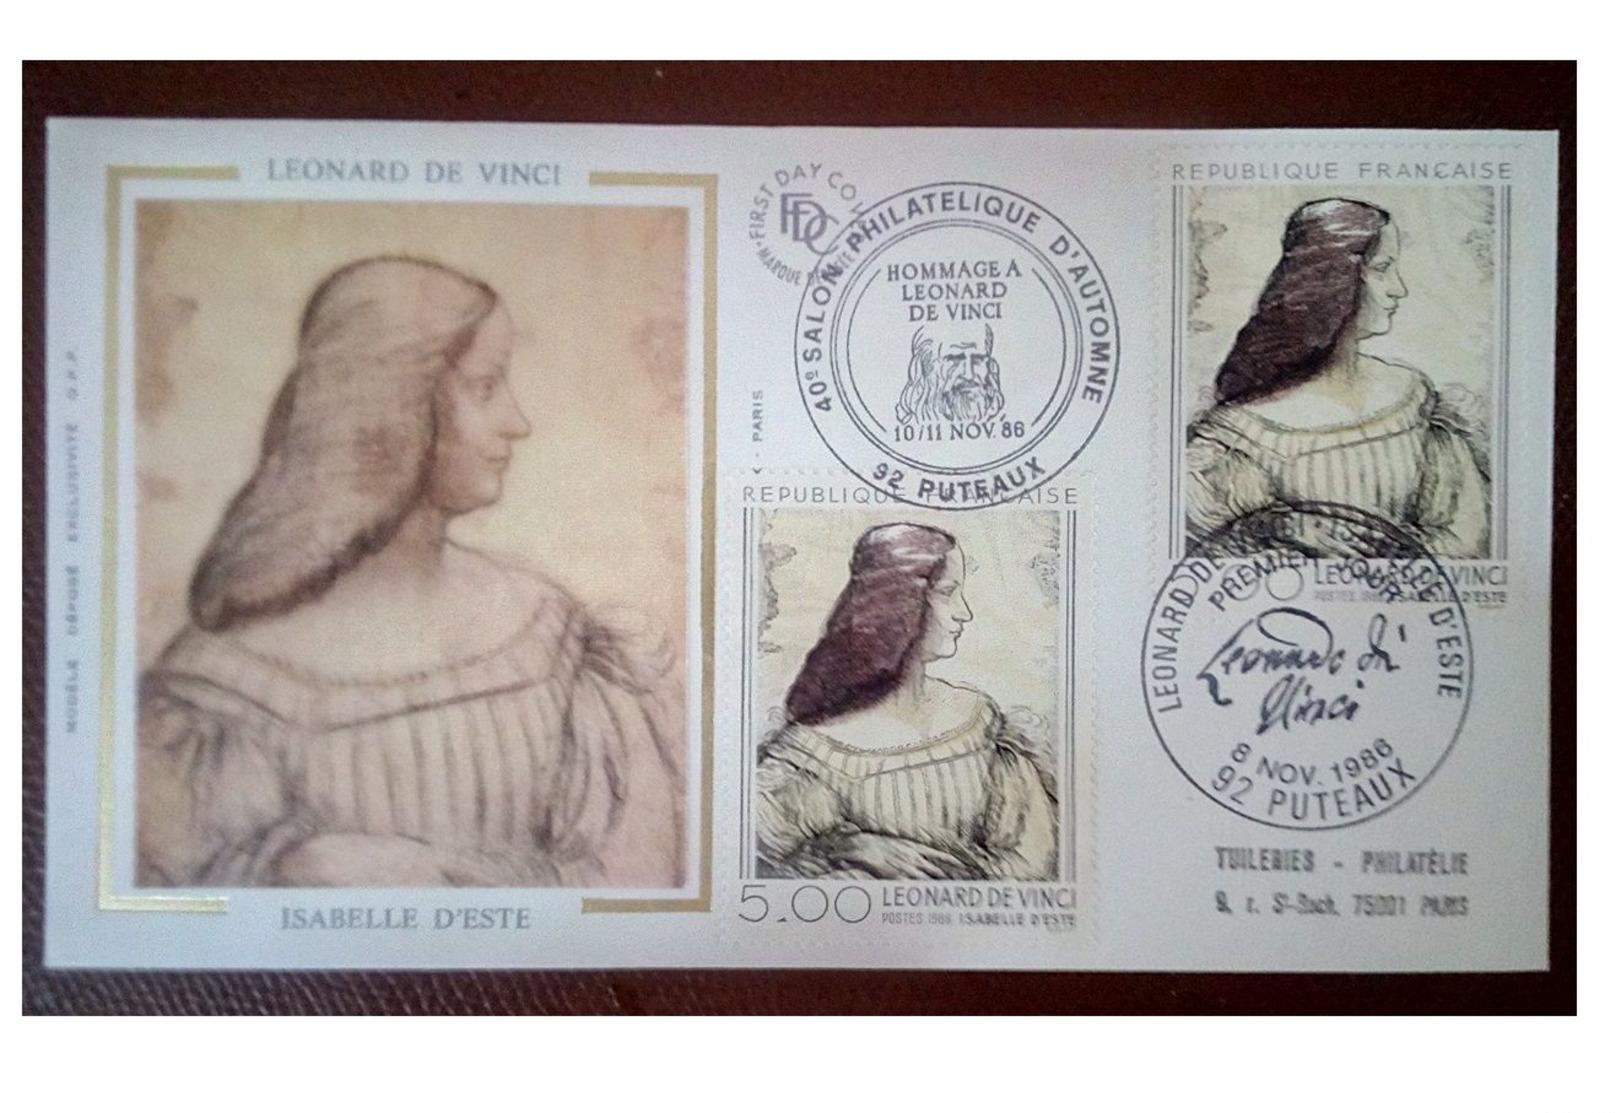 France 1986 1er Jour N° 2446 Léonard De Vinci Signature Autographe Visage Puteaux Double Oblitérations - 1980-1989